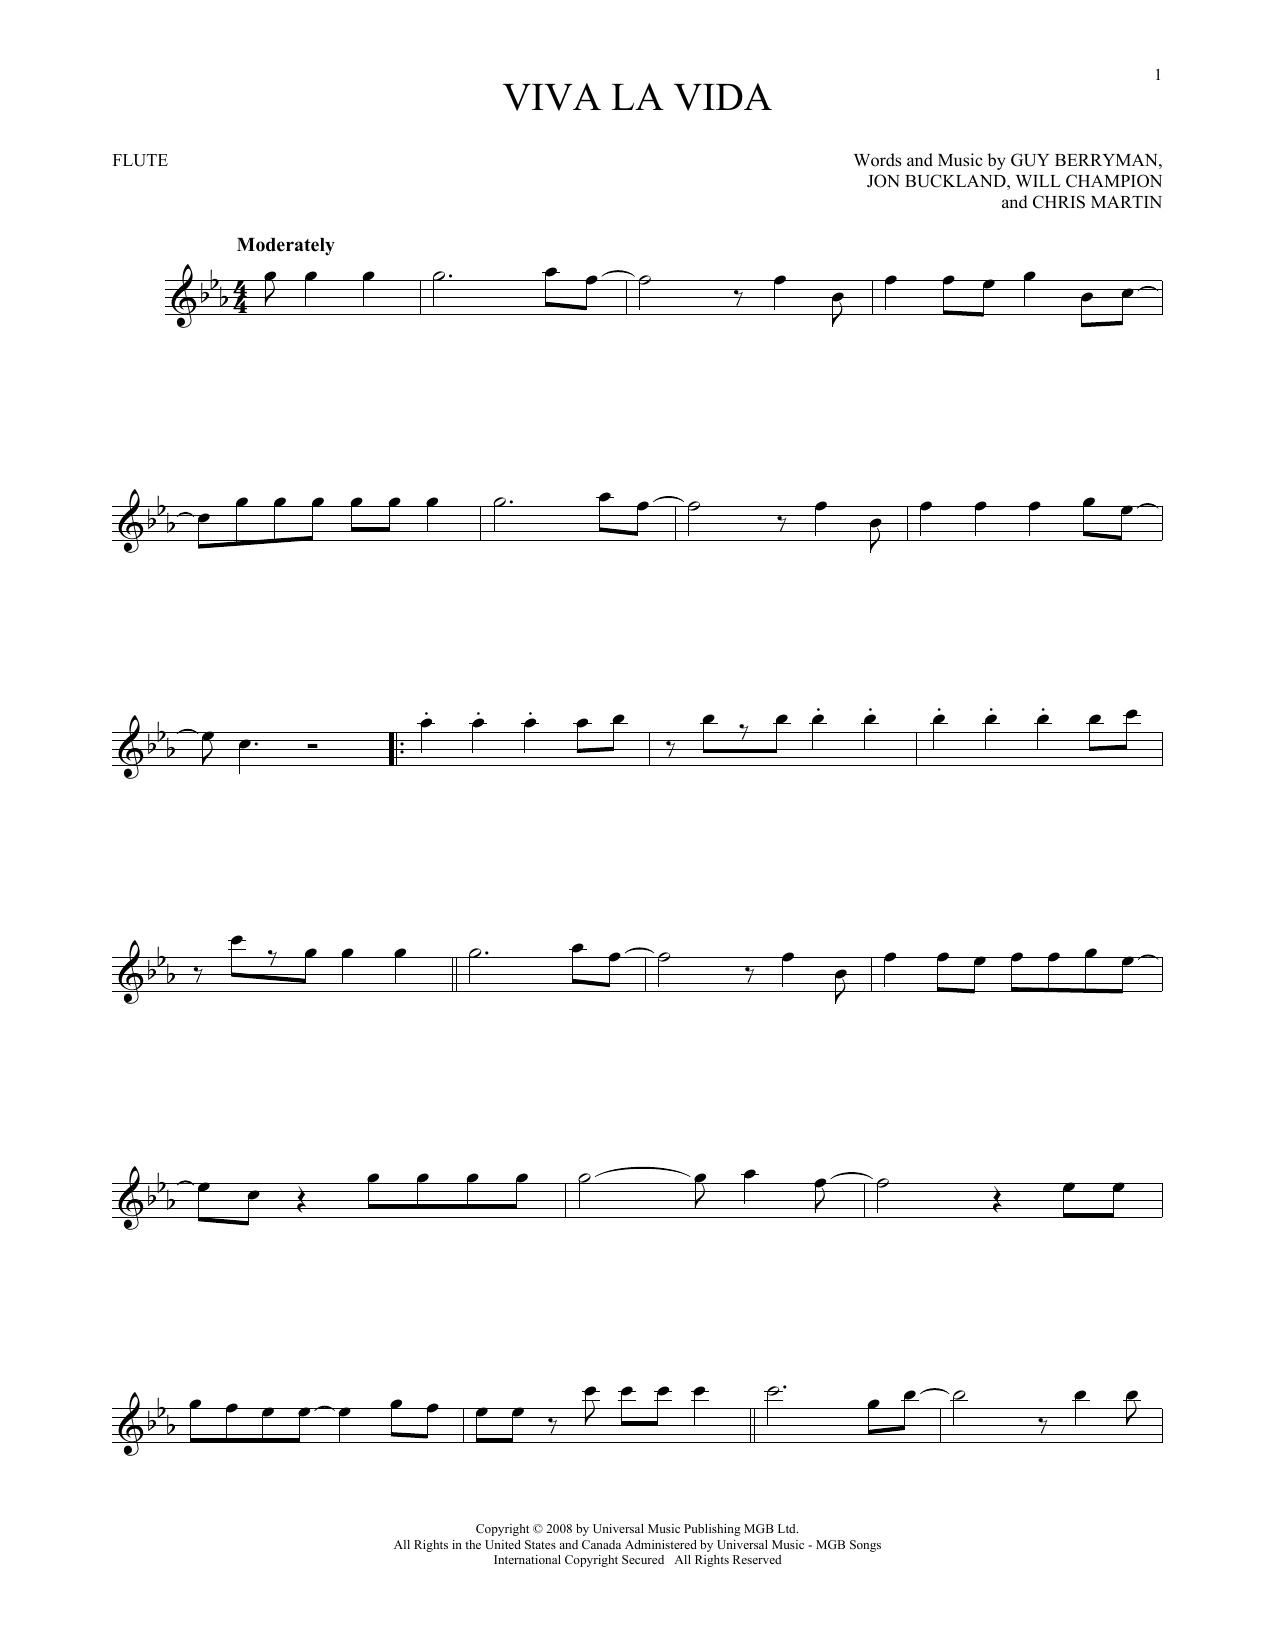 Viva La Vida (Flute Solo)